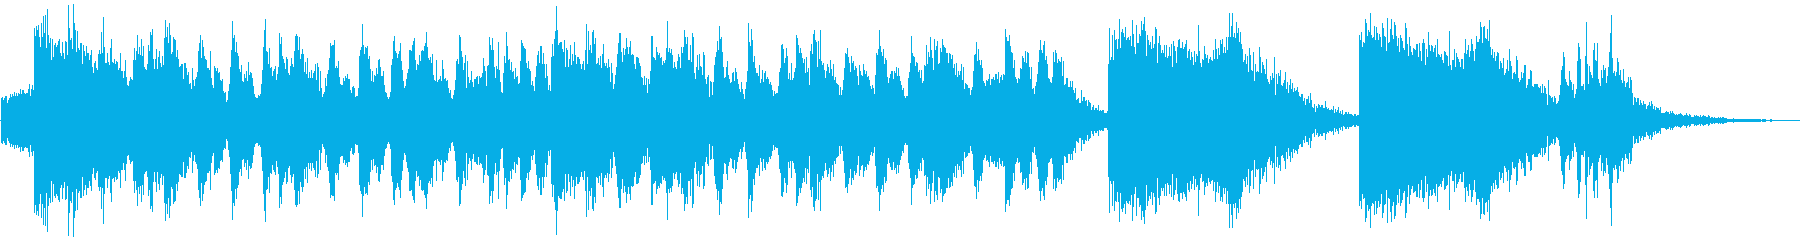 イベント、ゲームCMに最適!壮大な30秒の再生済みの波形